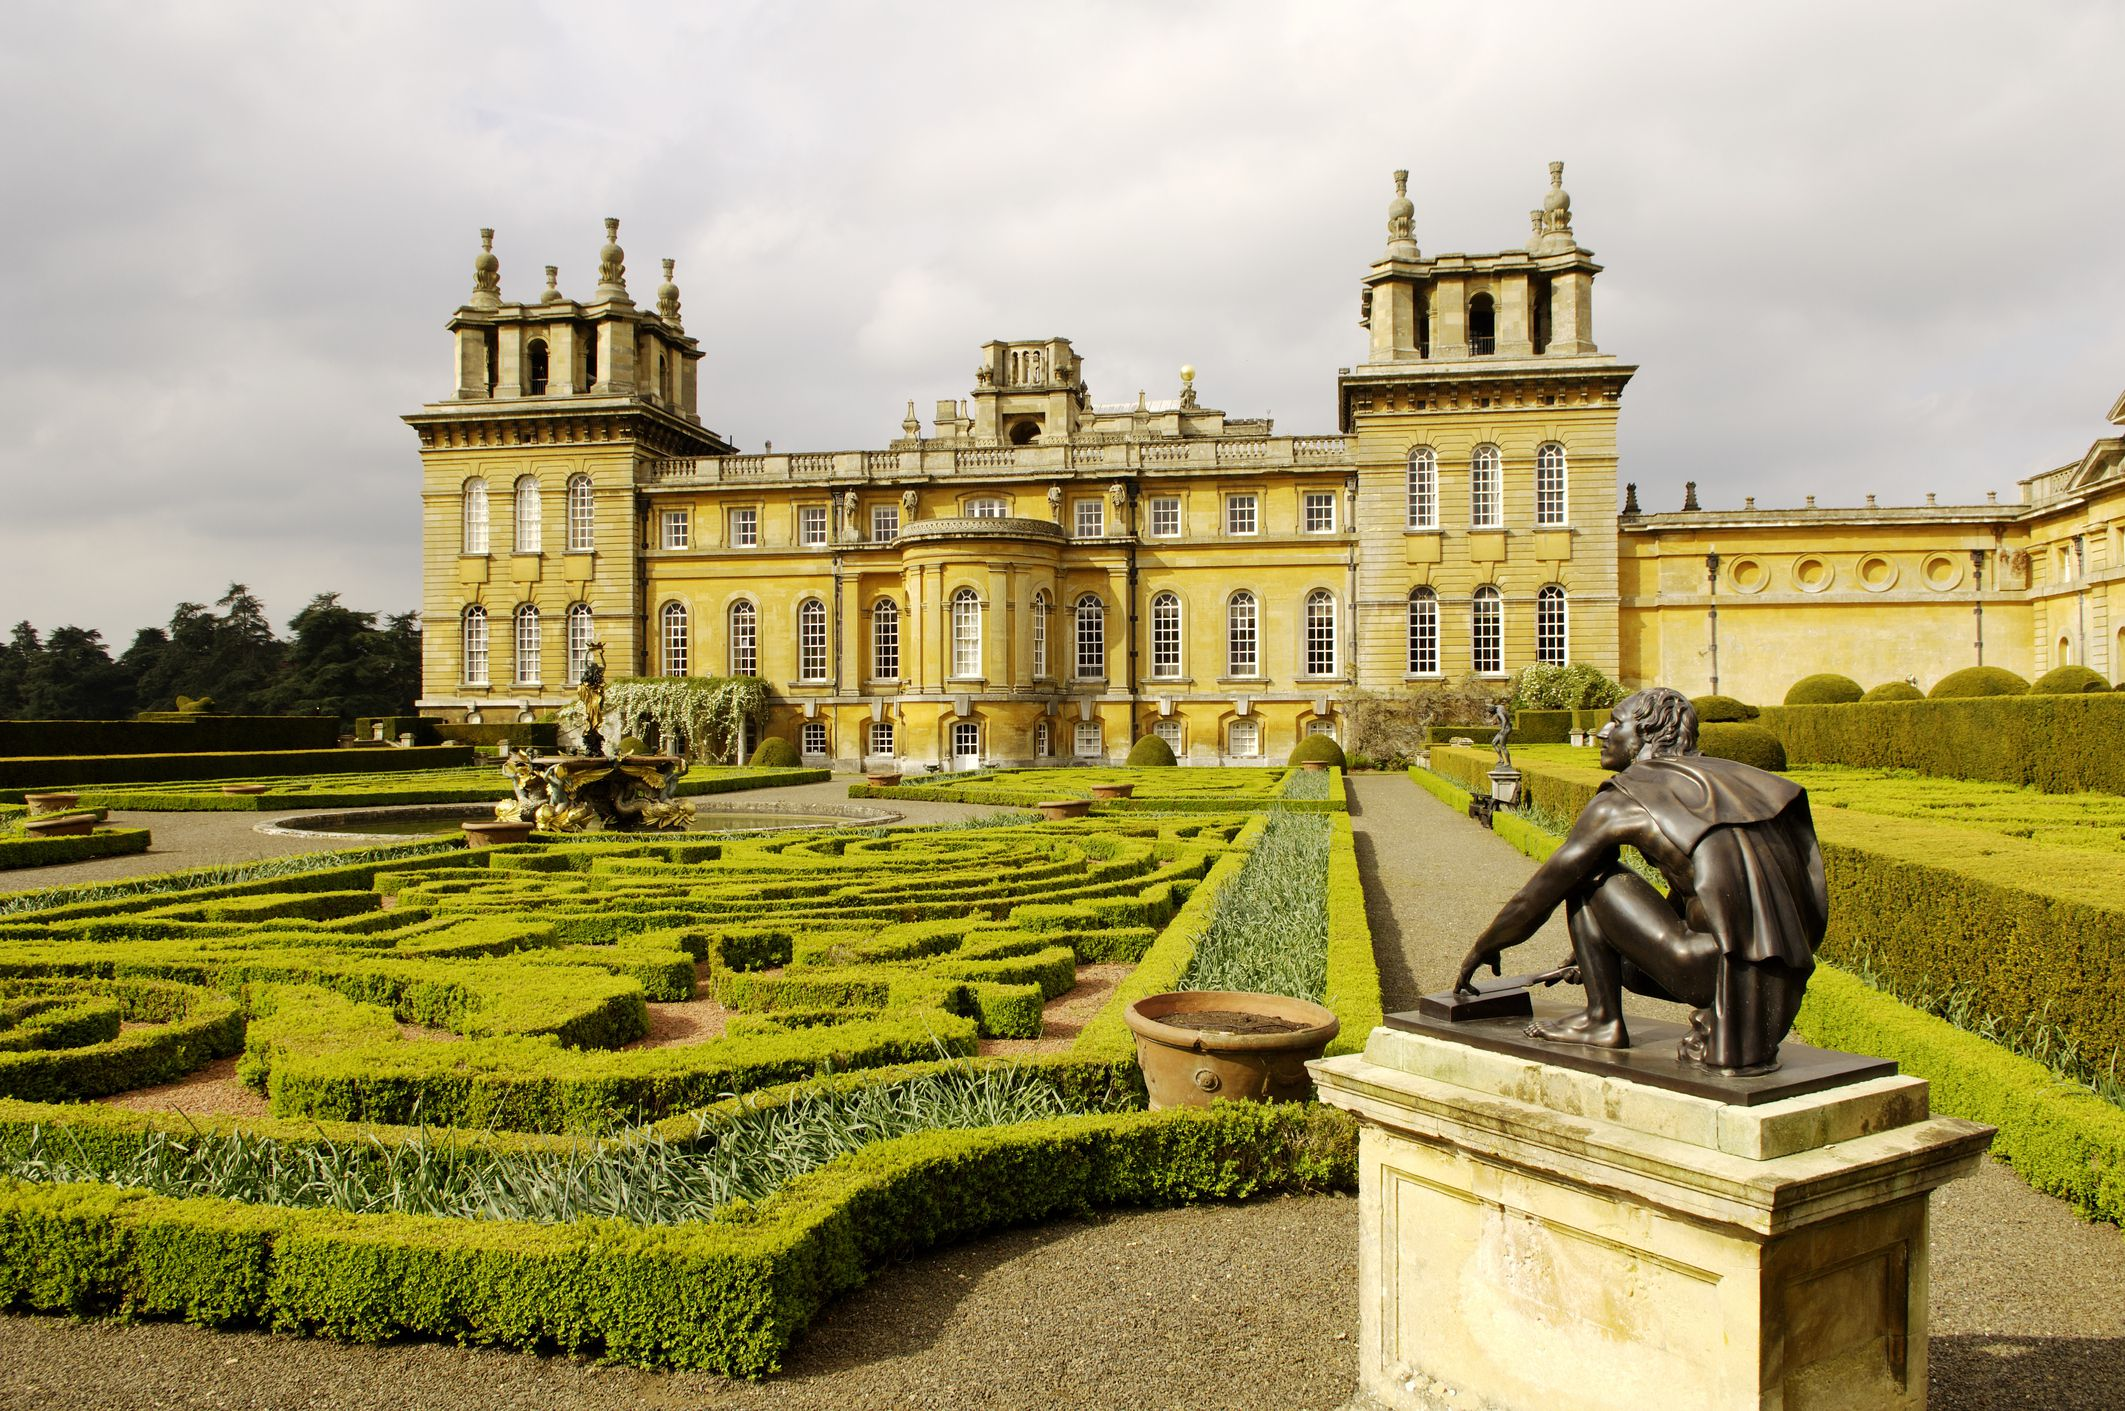 Blenheim Palace, Oxfordshire, UK